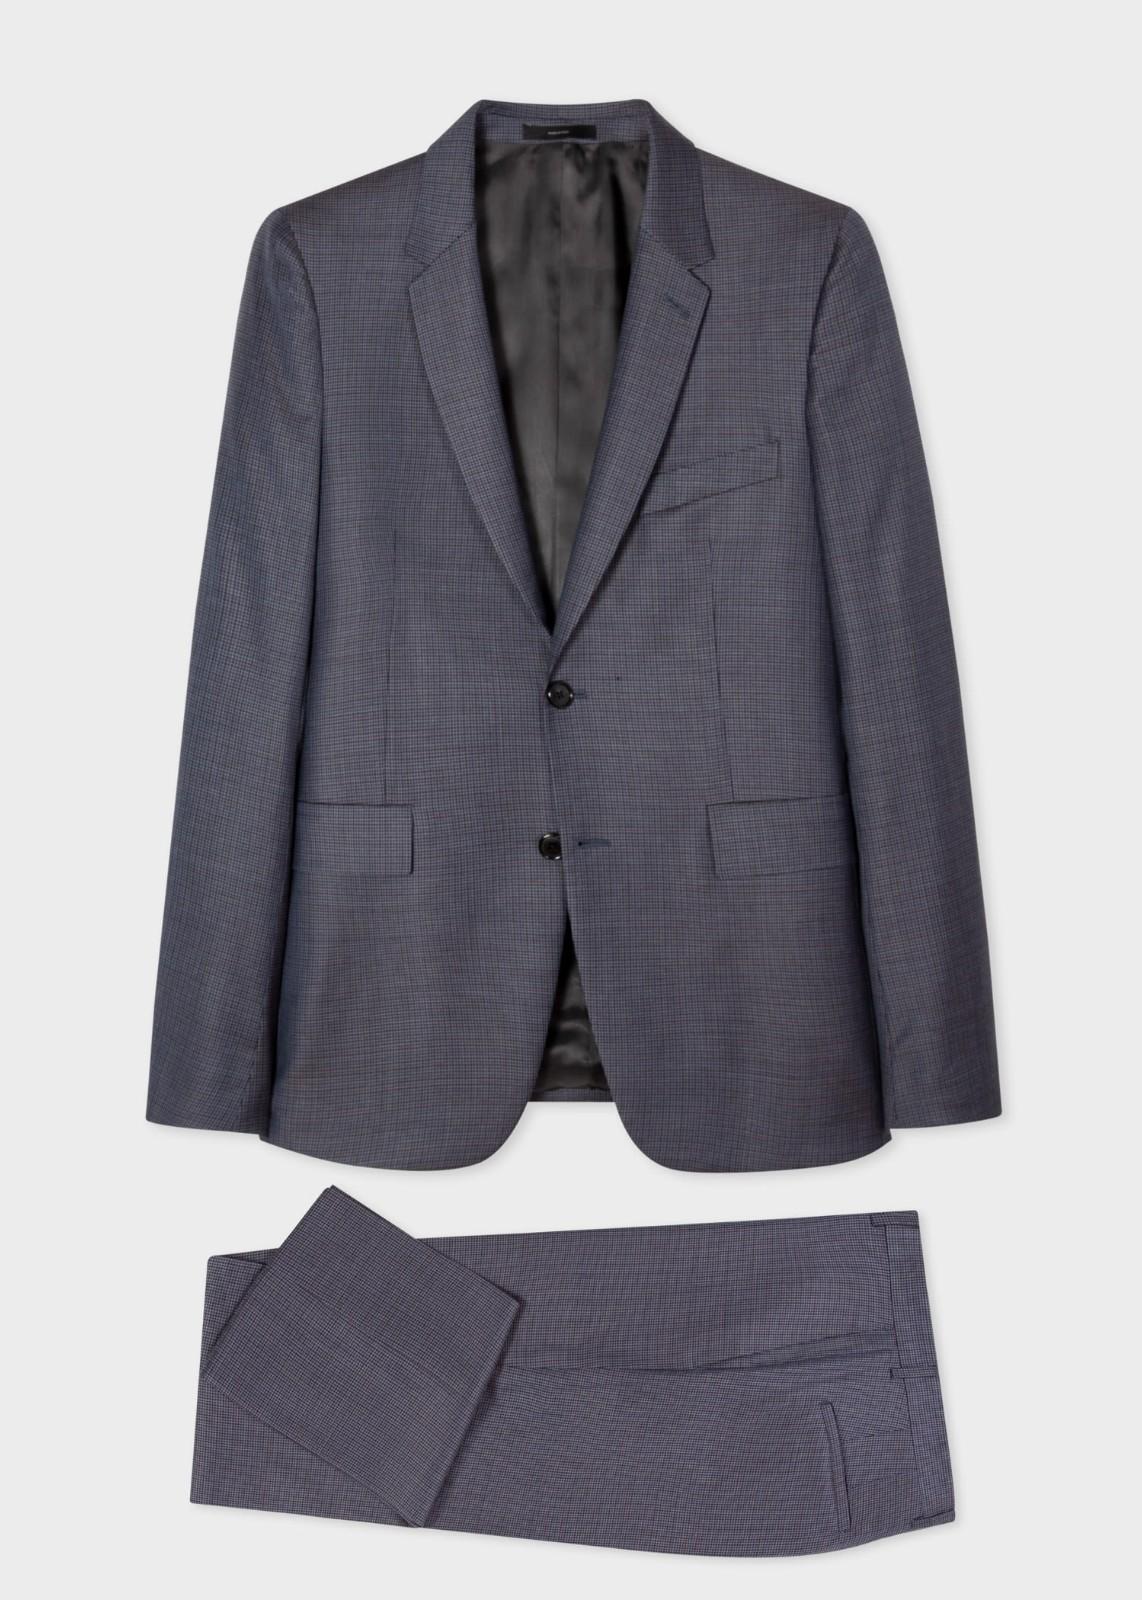 羊毛暗格纹西服套装